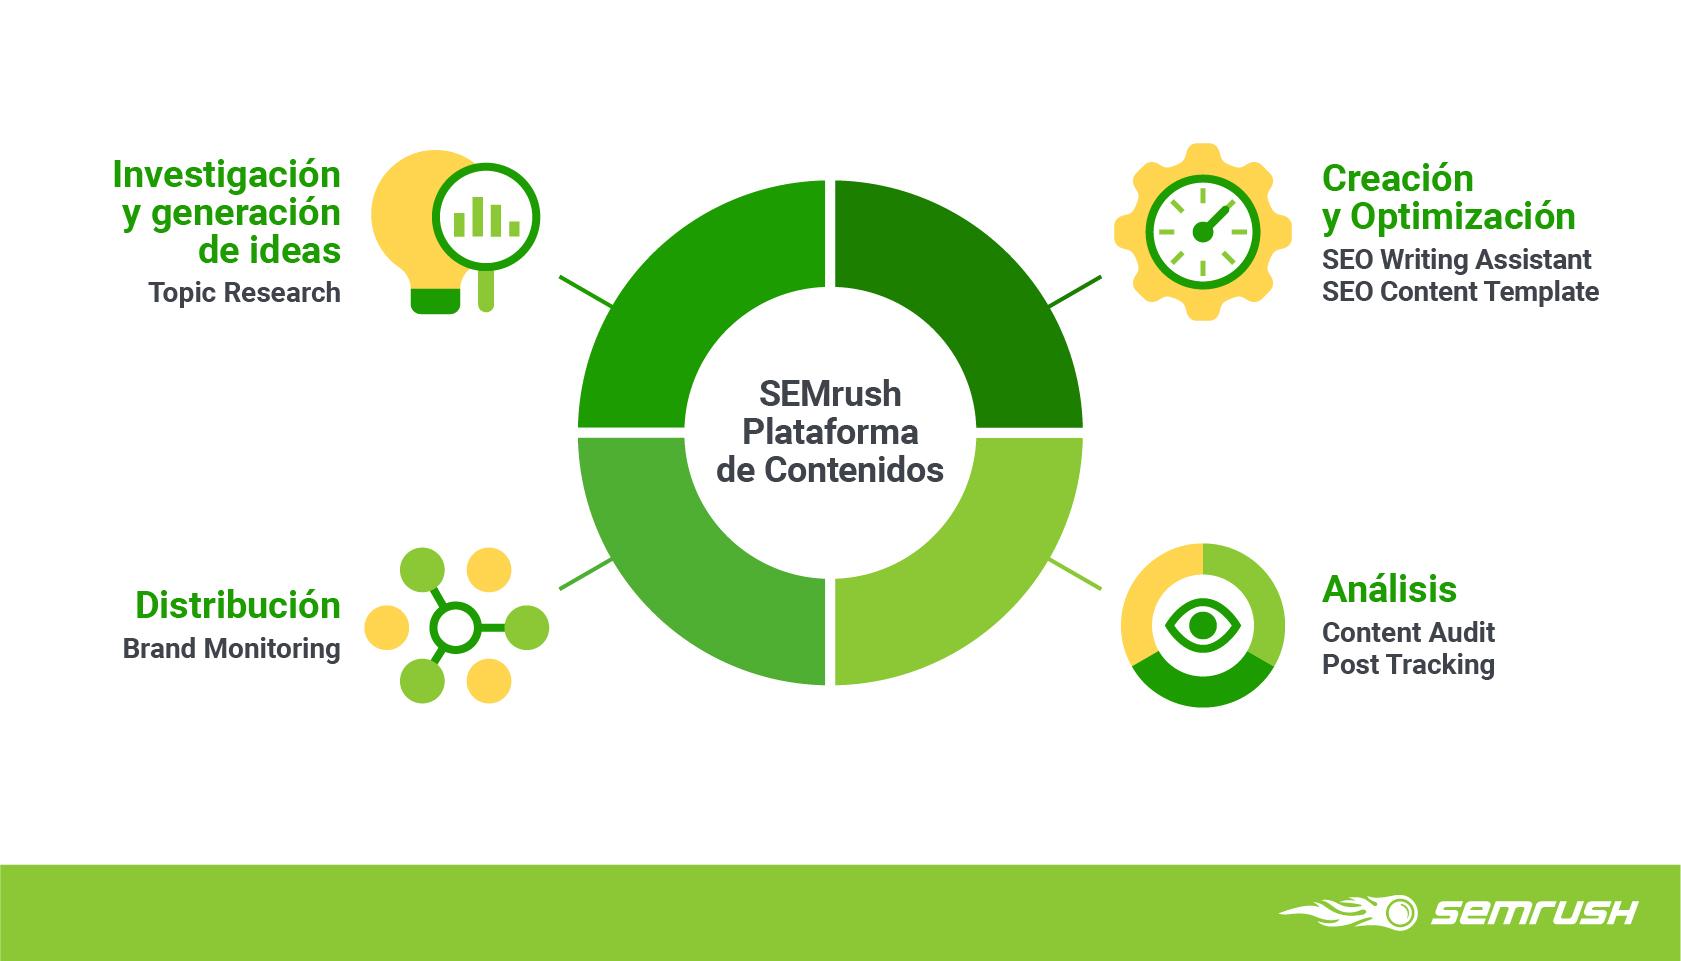 Marketing de contenidos basado en datos - Workflow de contenidos